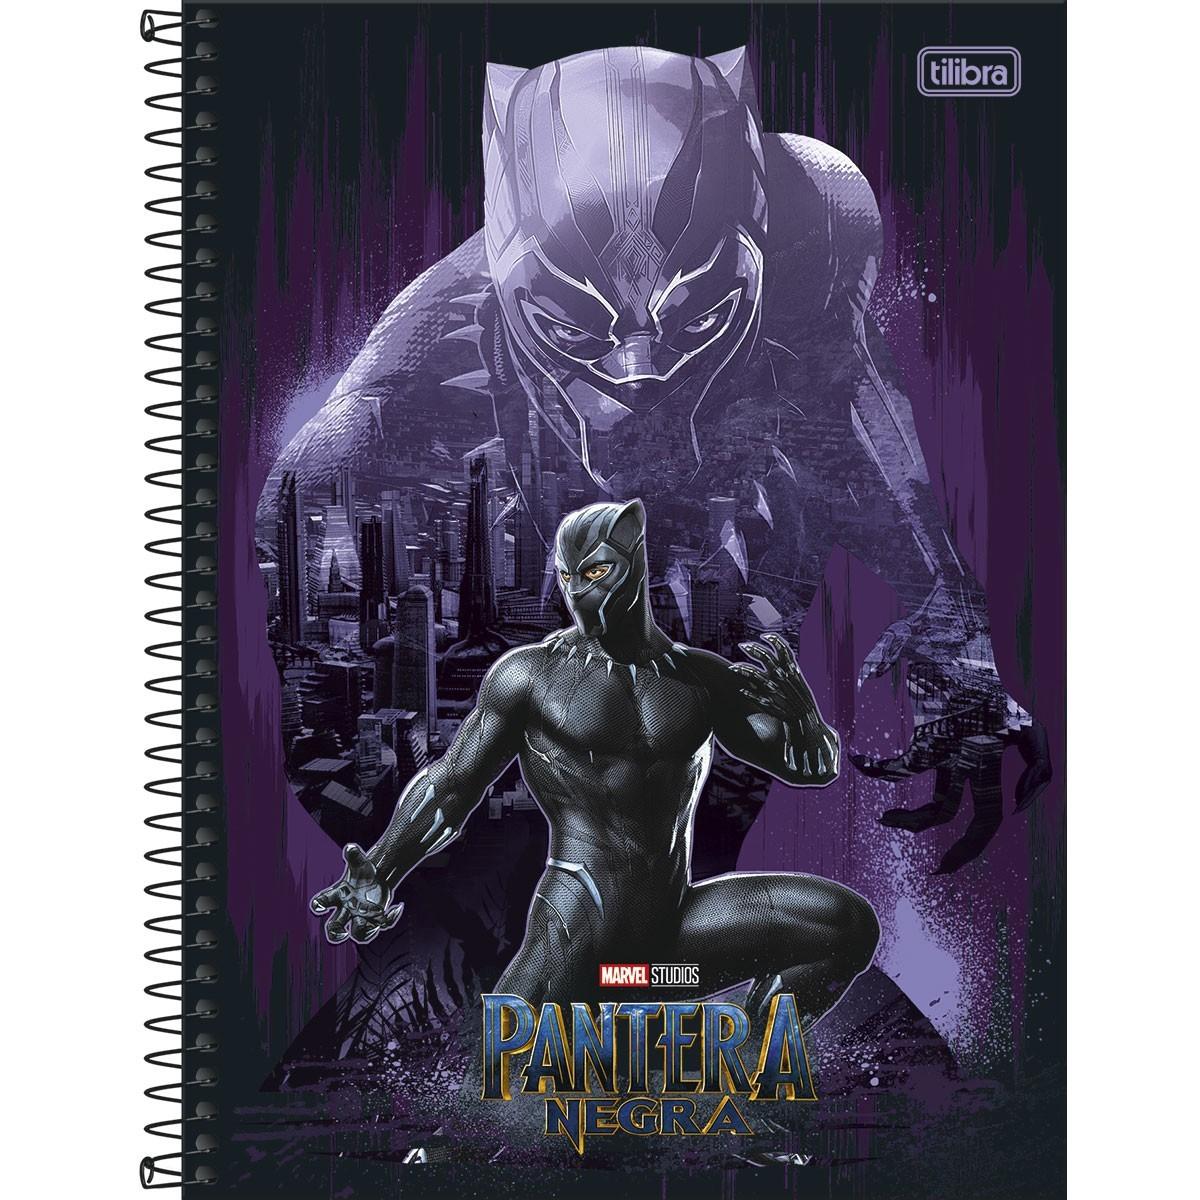 Caderno Pantera Negra 10 Matérias espiral Capa Dura Universitário 160 Fls. 200mmx275mm